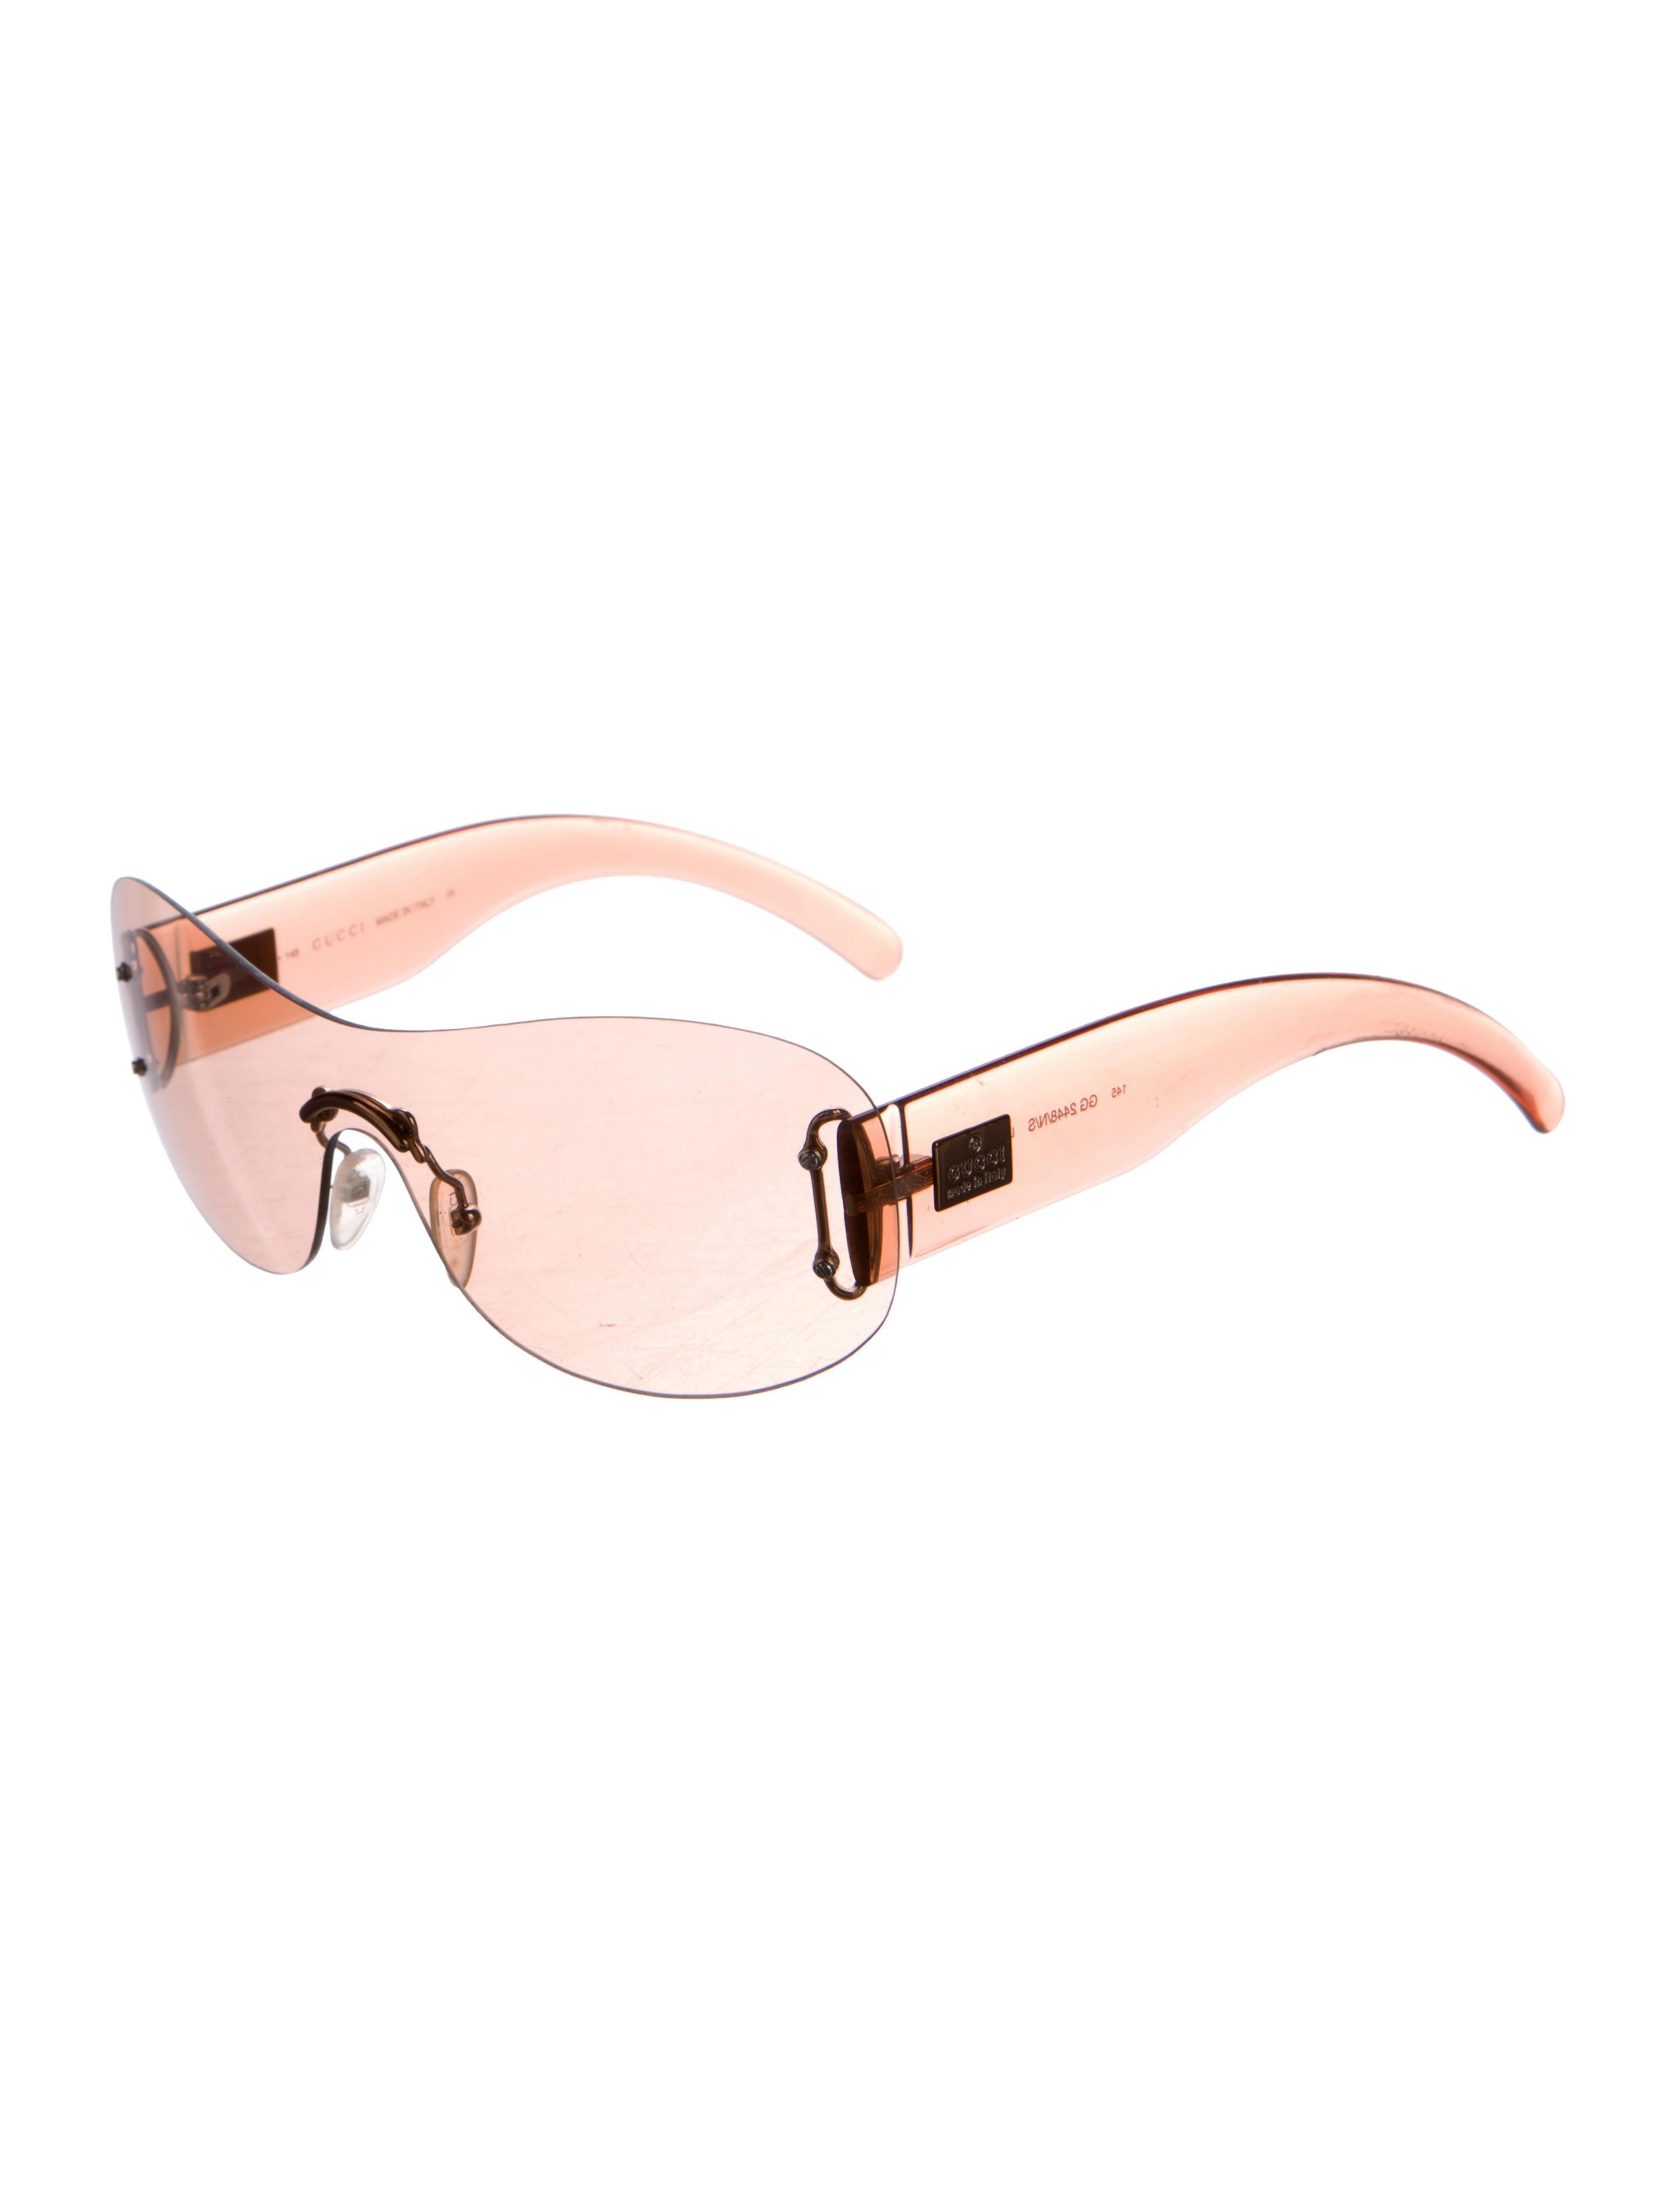 Gucci Rimless Glasses : Gucci Rimless Shield Sunglasses - Accessories - GUC133924 ...